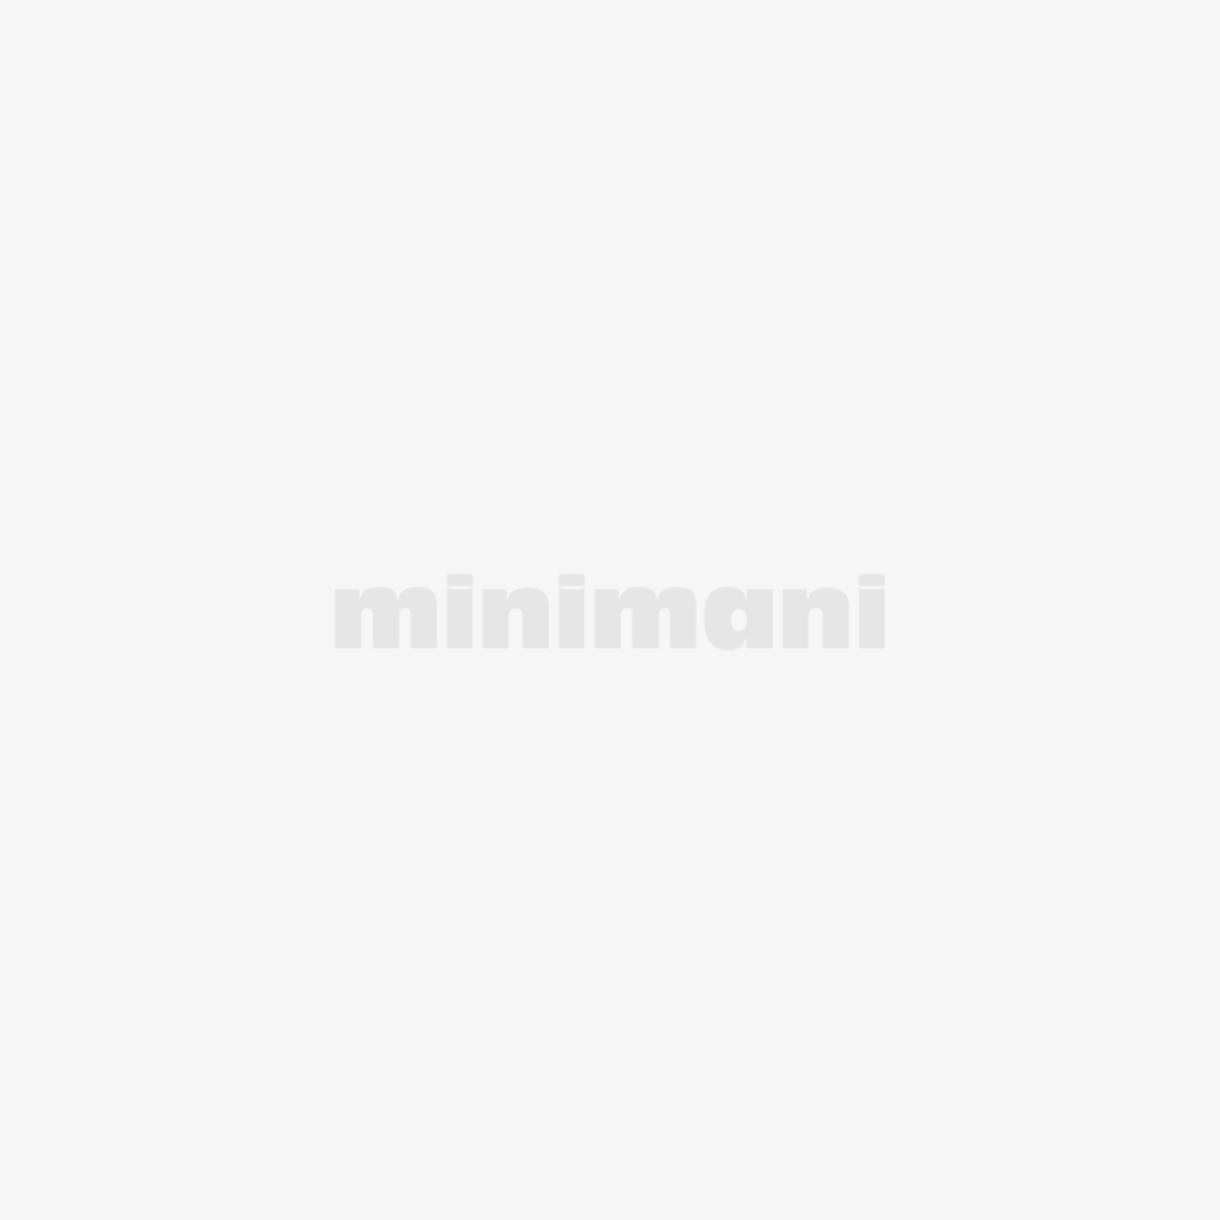 NATURKRAFT MUURAHAISSPRAY  500 ML